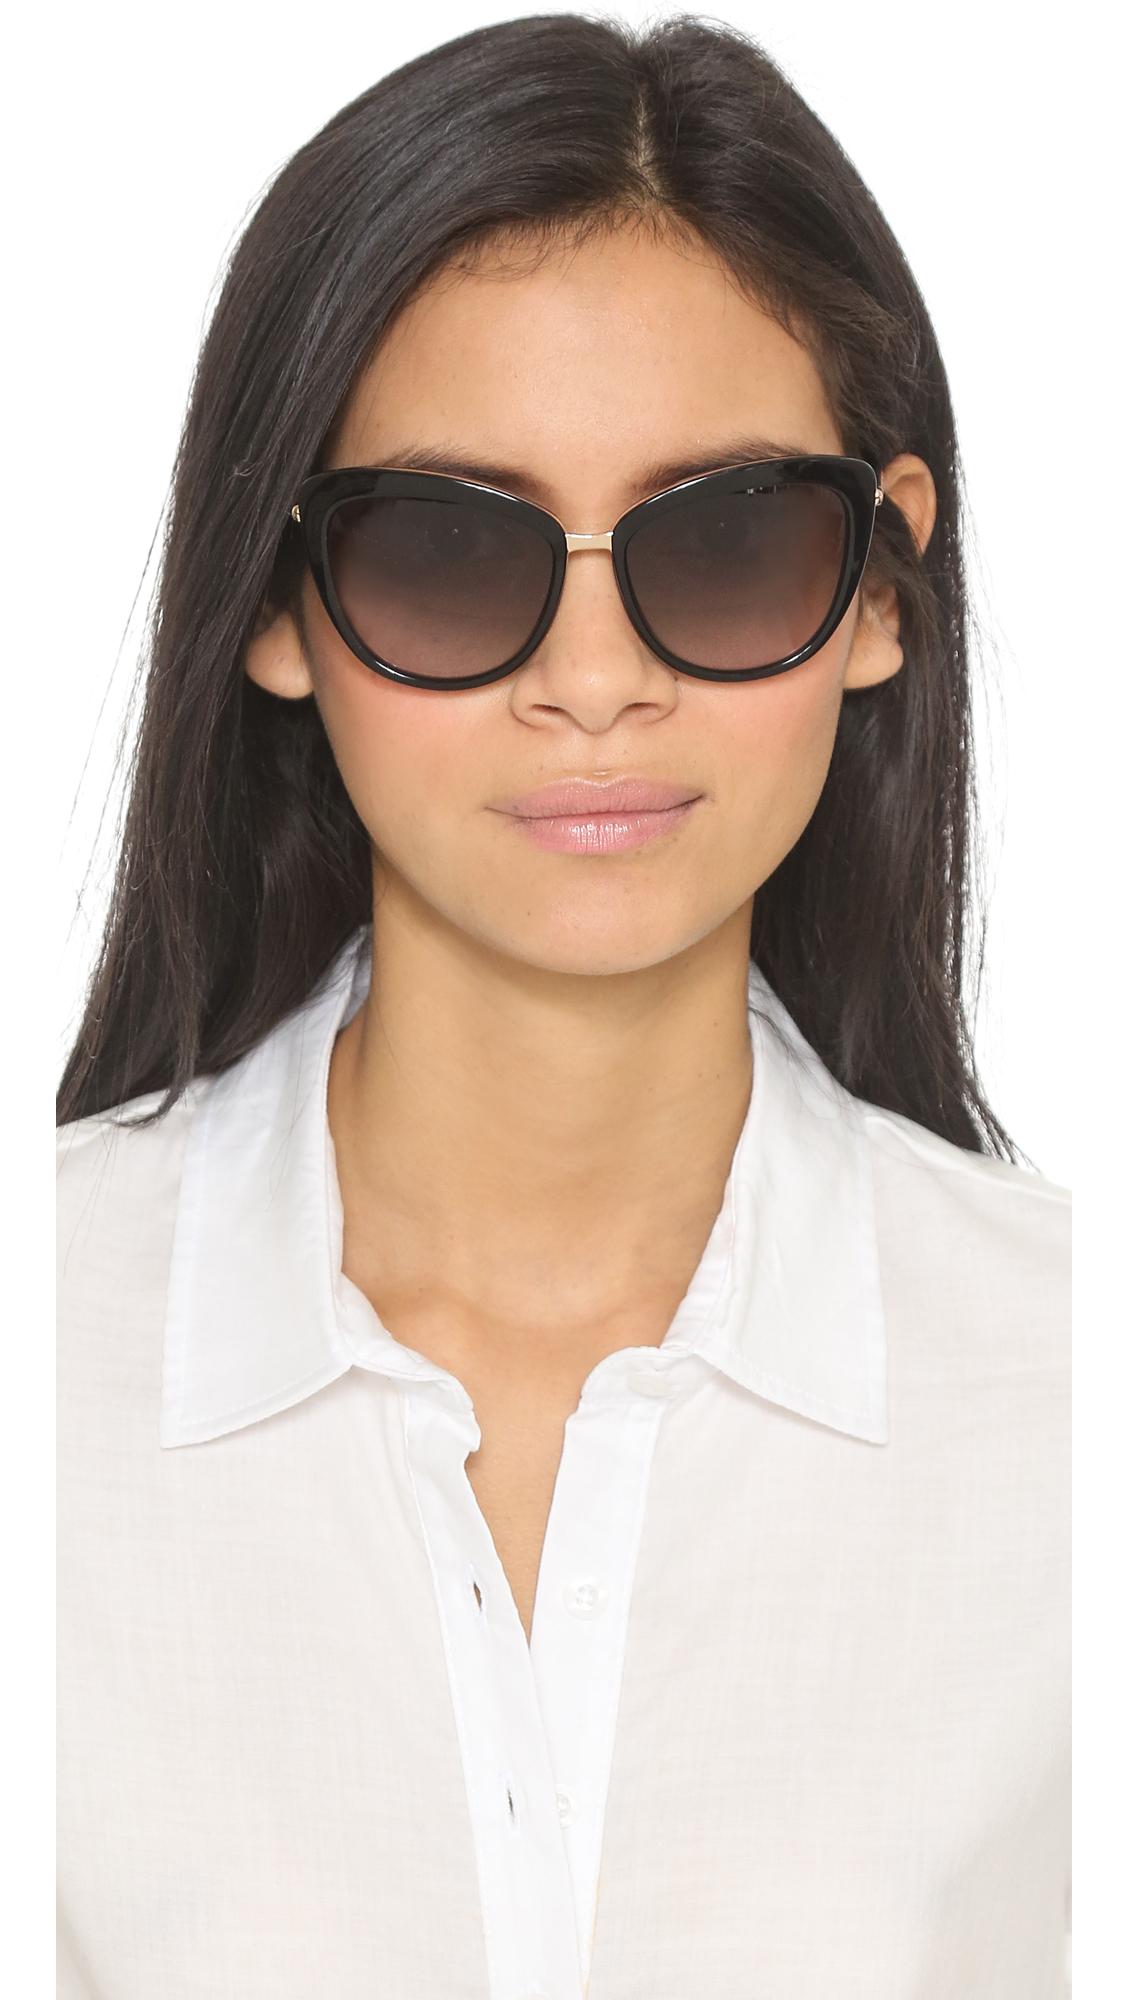 07911cd05e9e0 Kate Spade New York Kandi Sunglasses